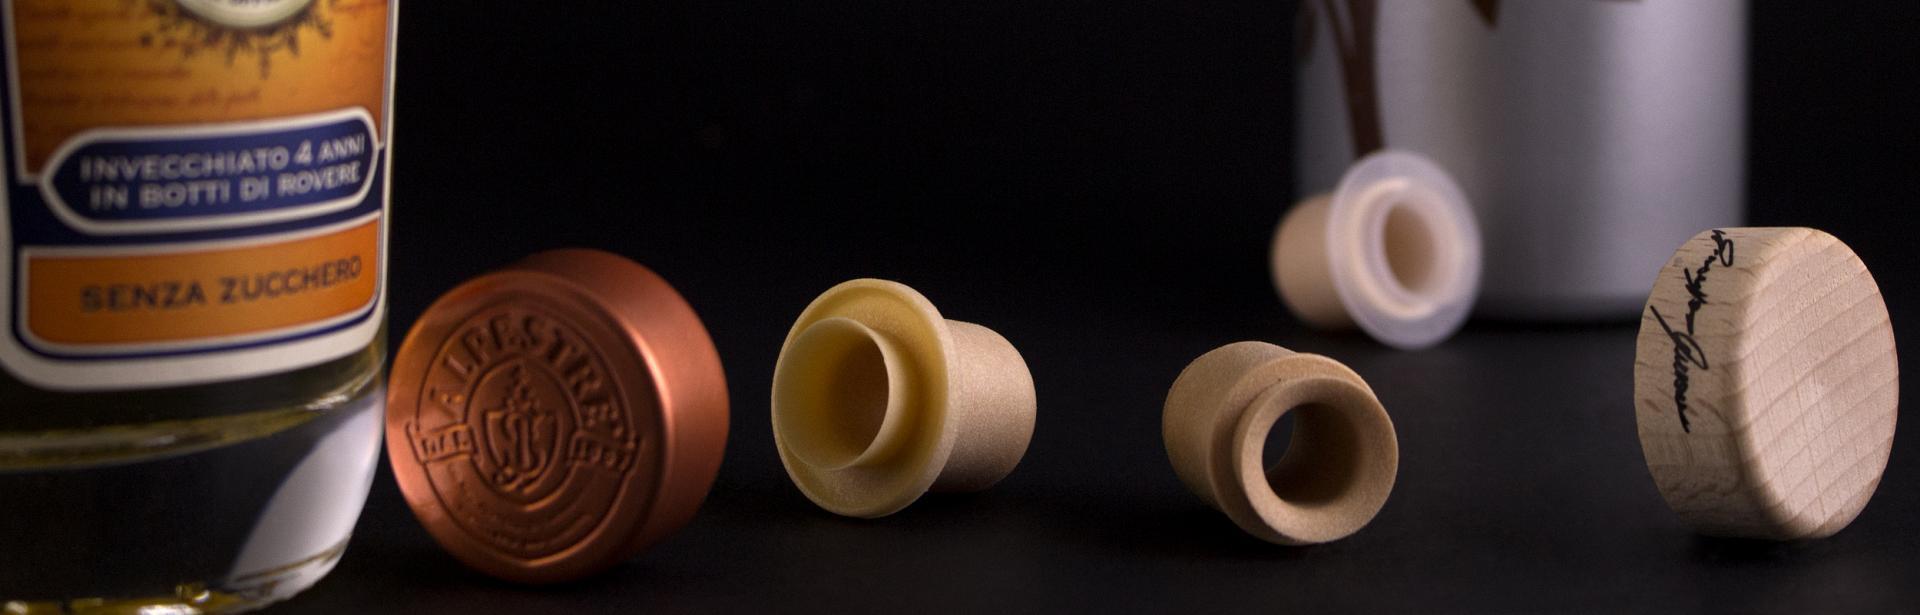 Tappo versatore Labrenta Et Voilà Classic con testa in legno o plastica